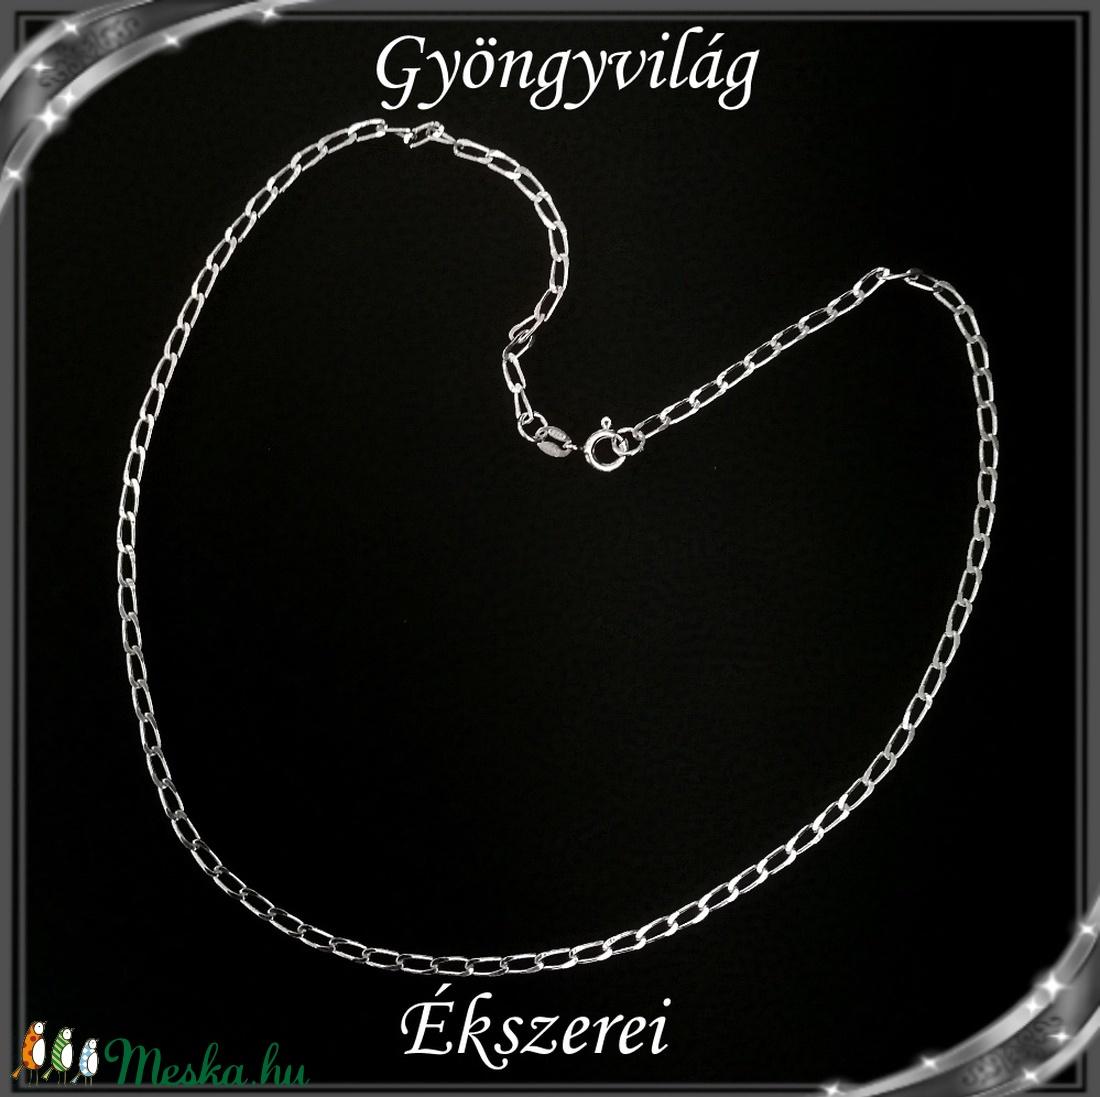 Ékszerek-nyakláncok: 925-ös sterling ezüst lánc SSZ EÜL 11-42e - ékszer - nyaklánc - medál nélküli nyaklánc - Meska.hu